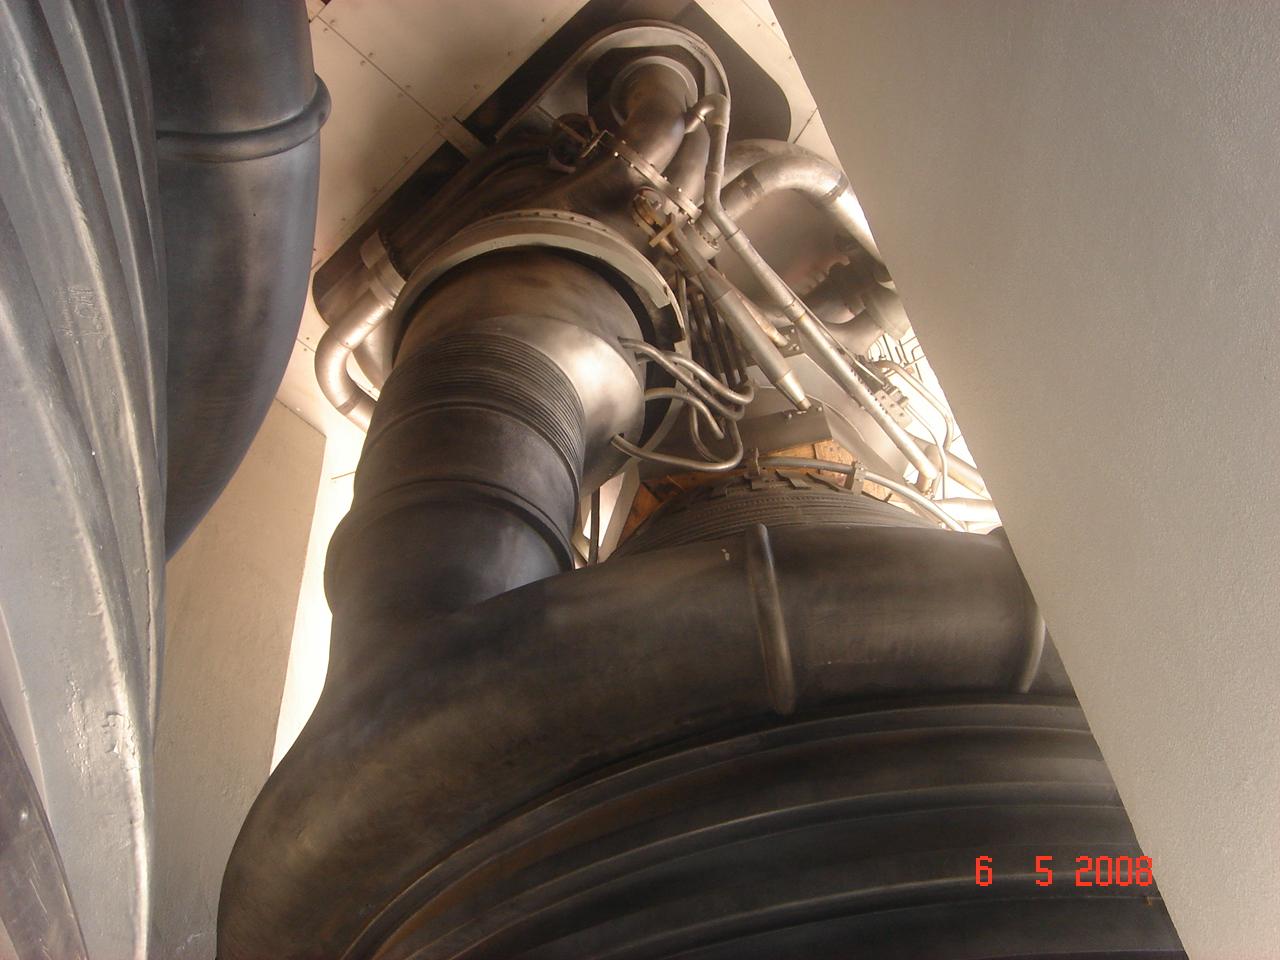 Inside Rocket Engine